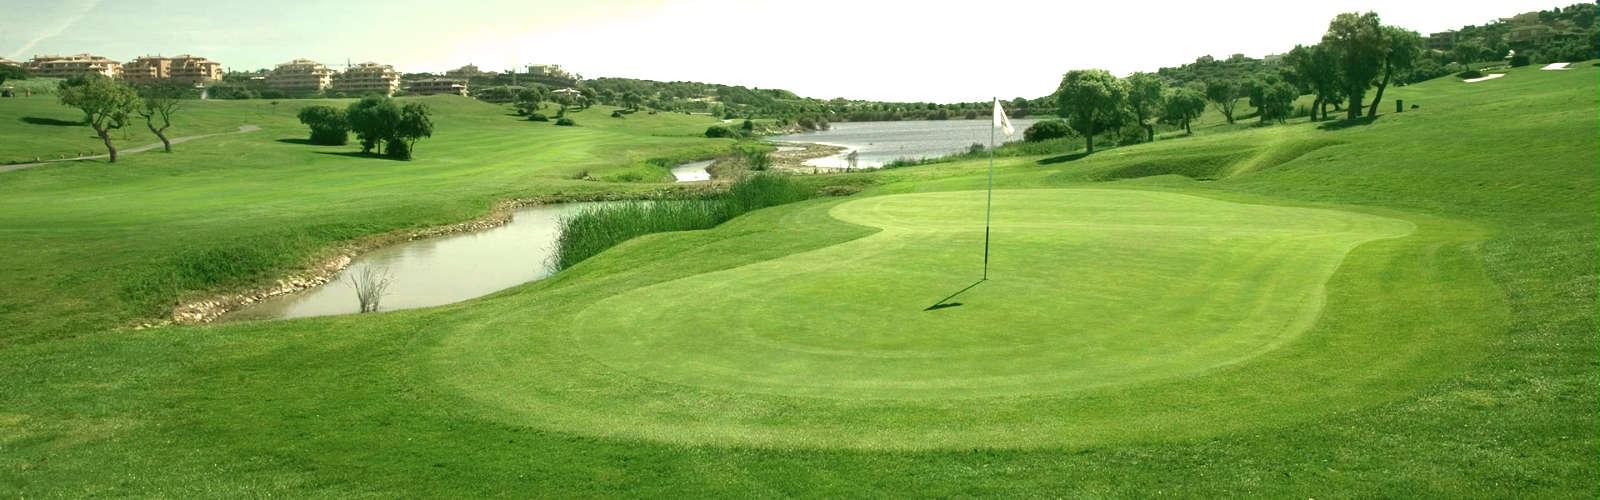 Almenara Golf Club